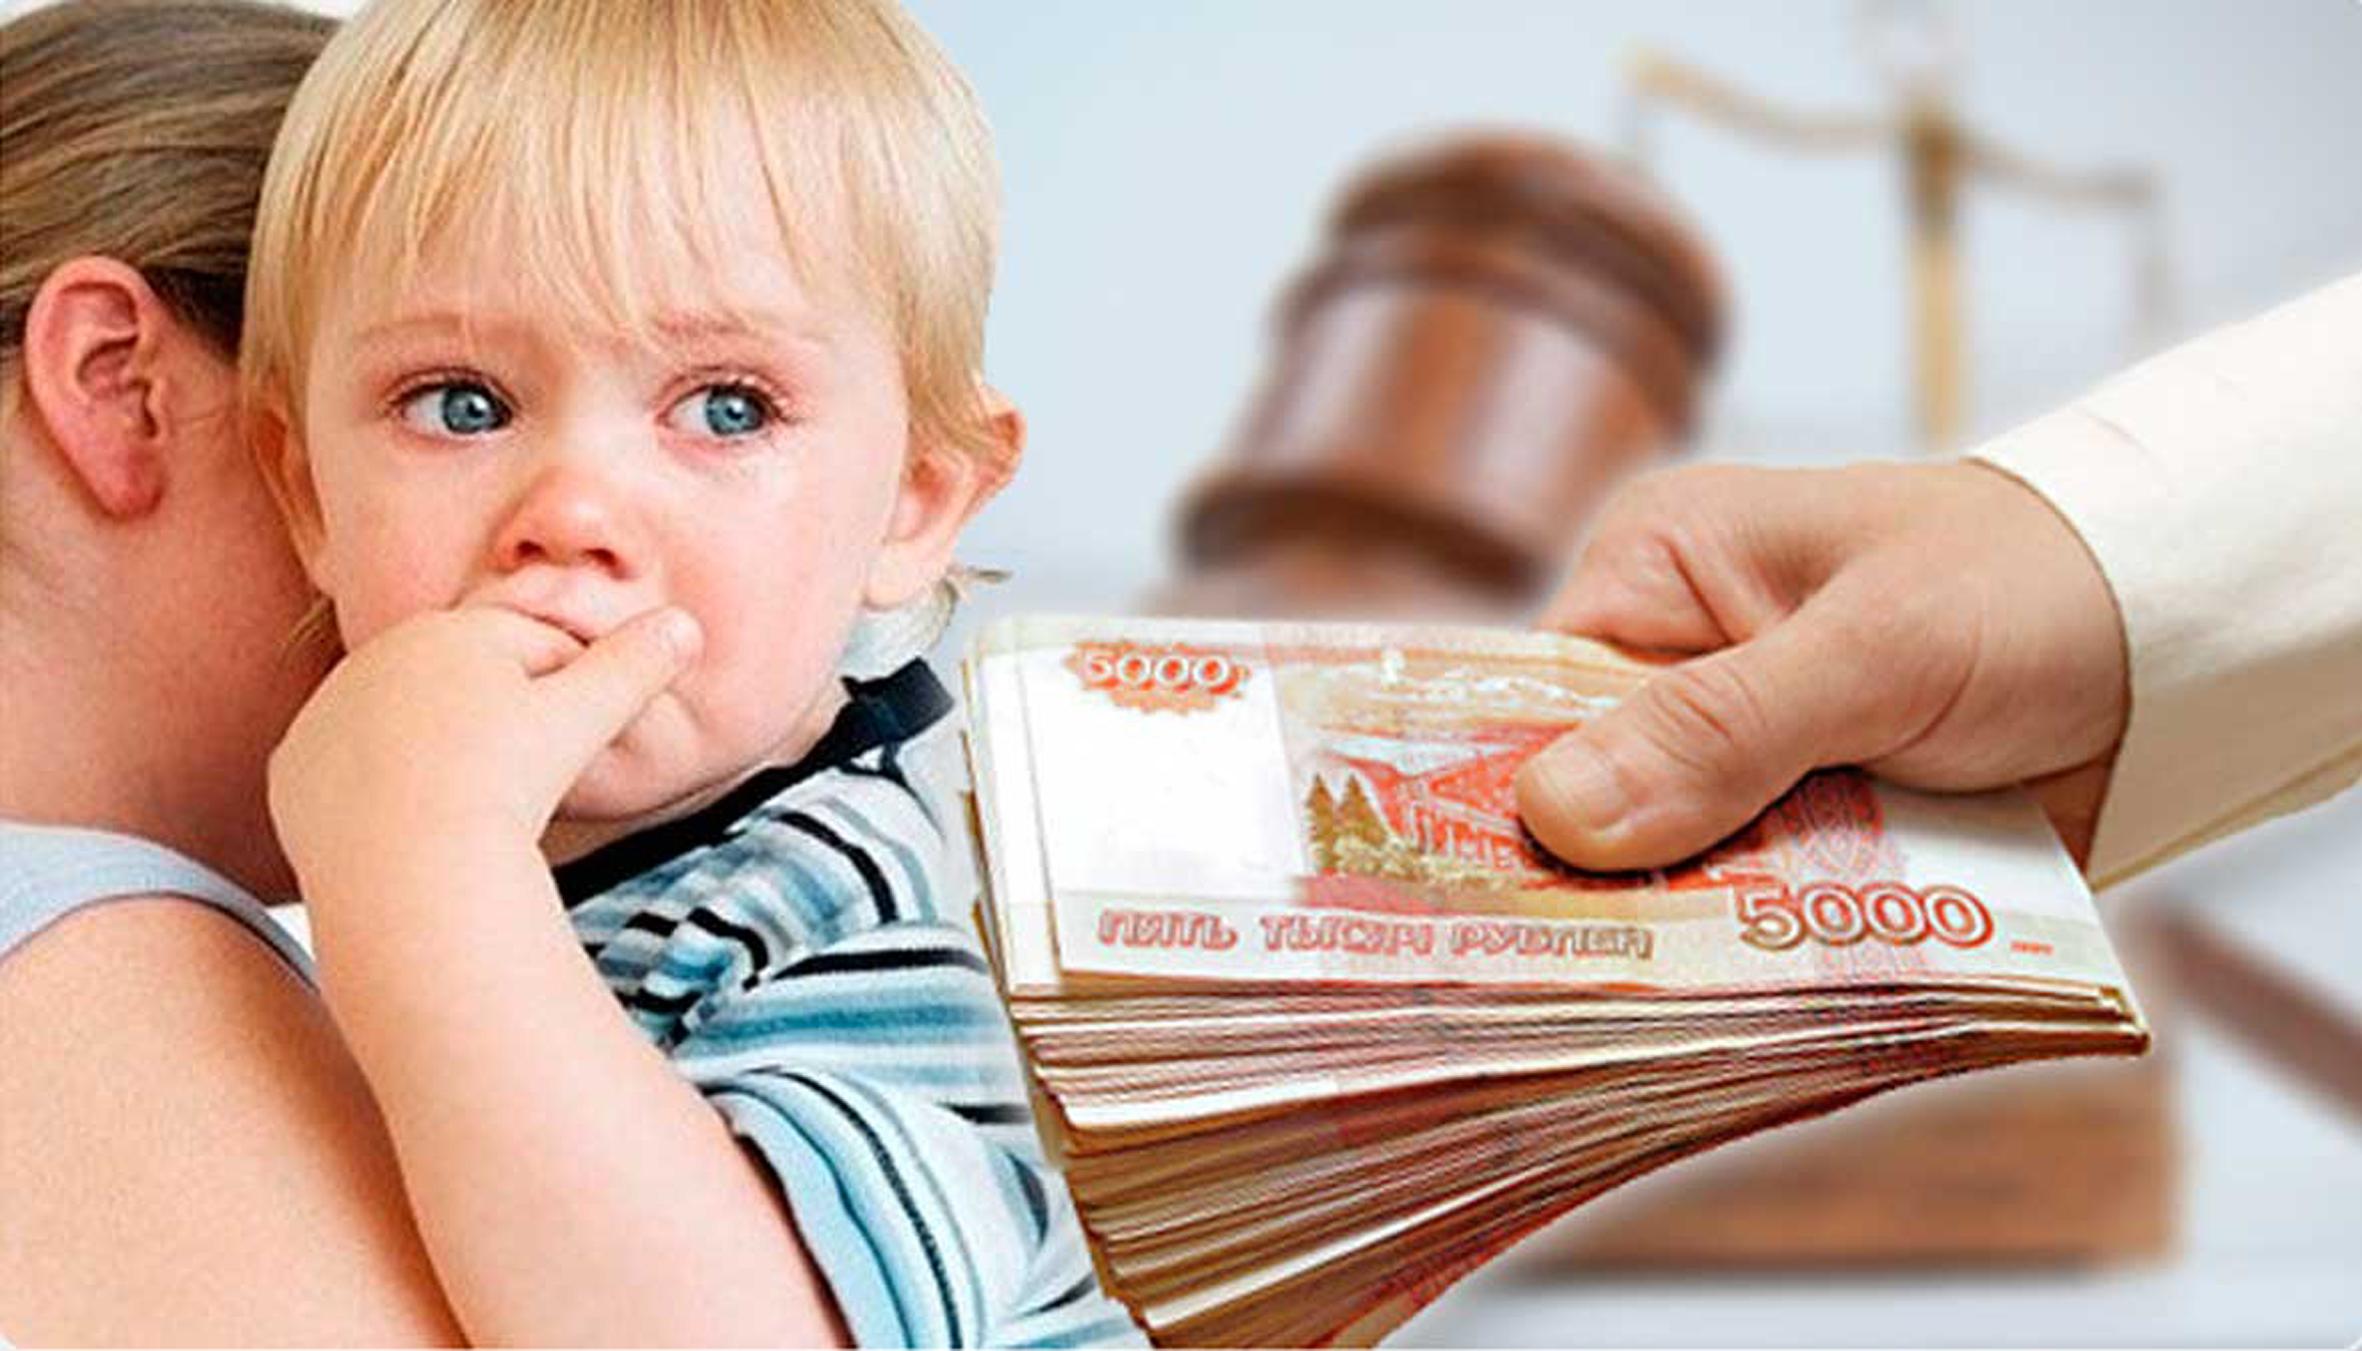 Как составить заявление на бездействие судебного пристава